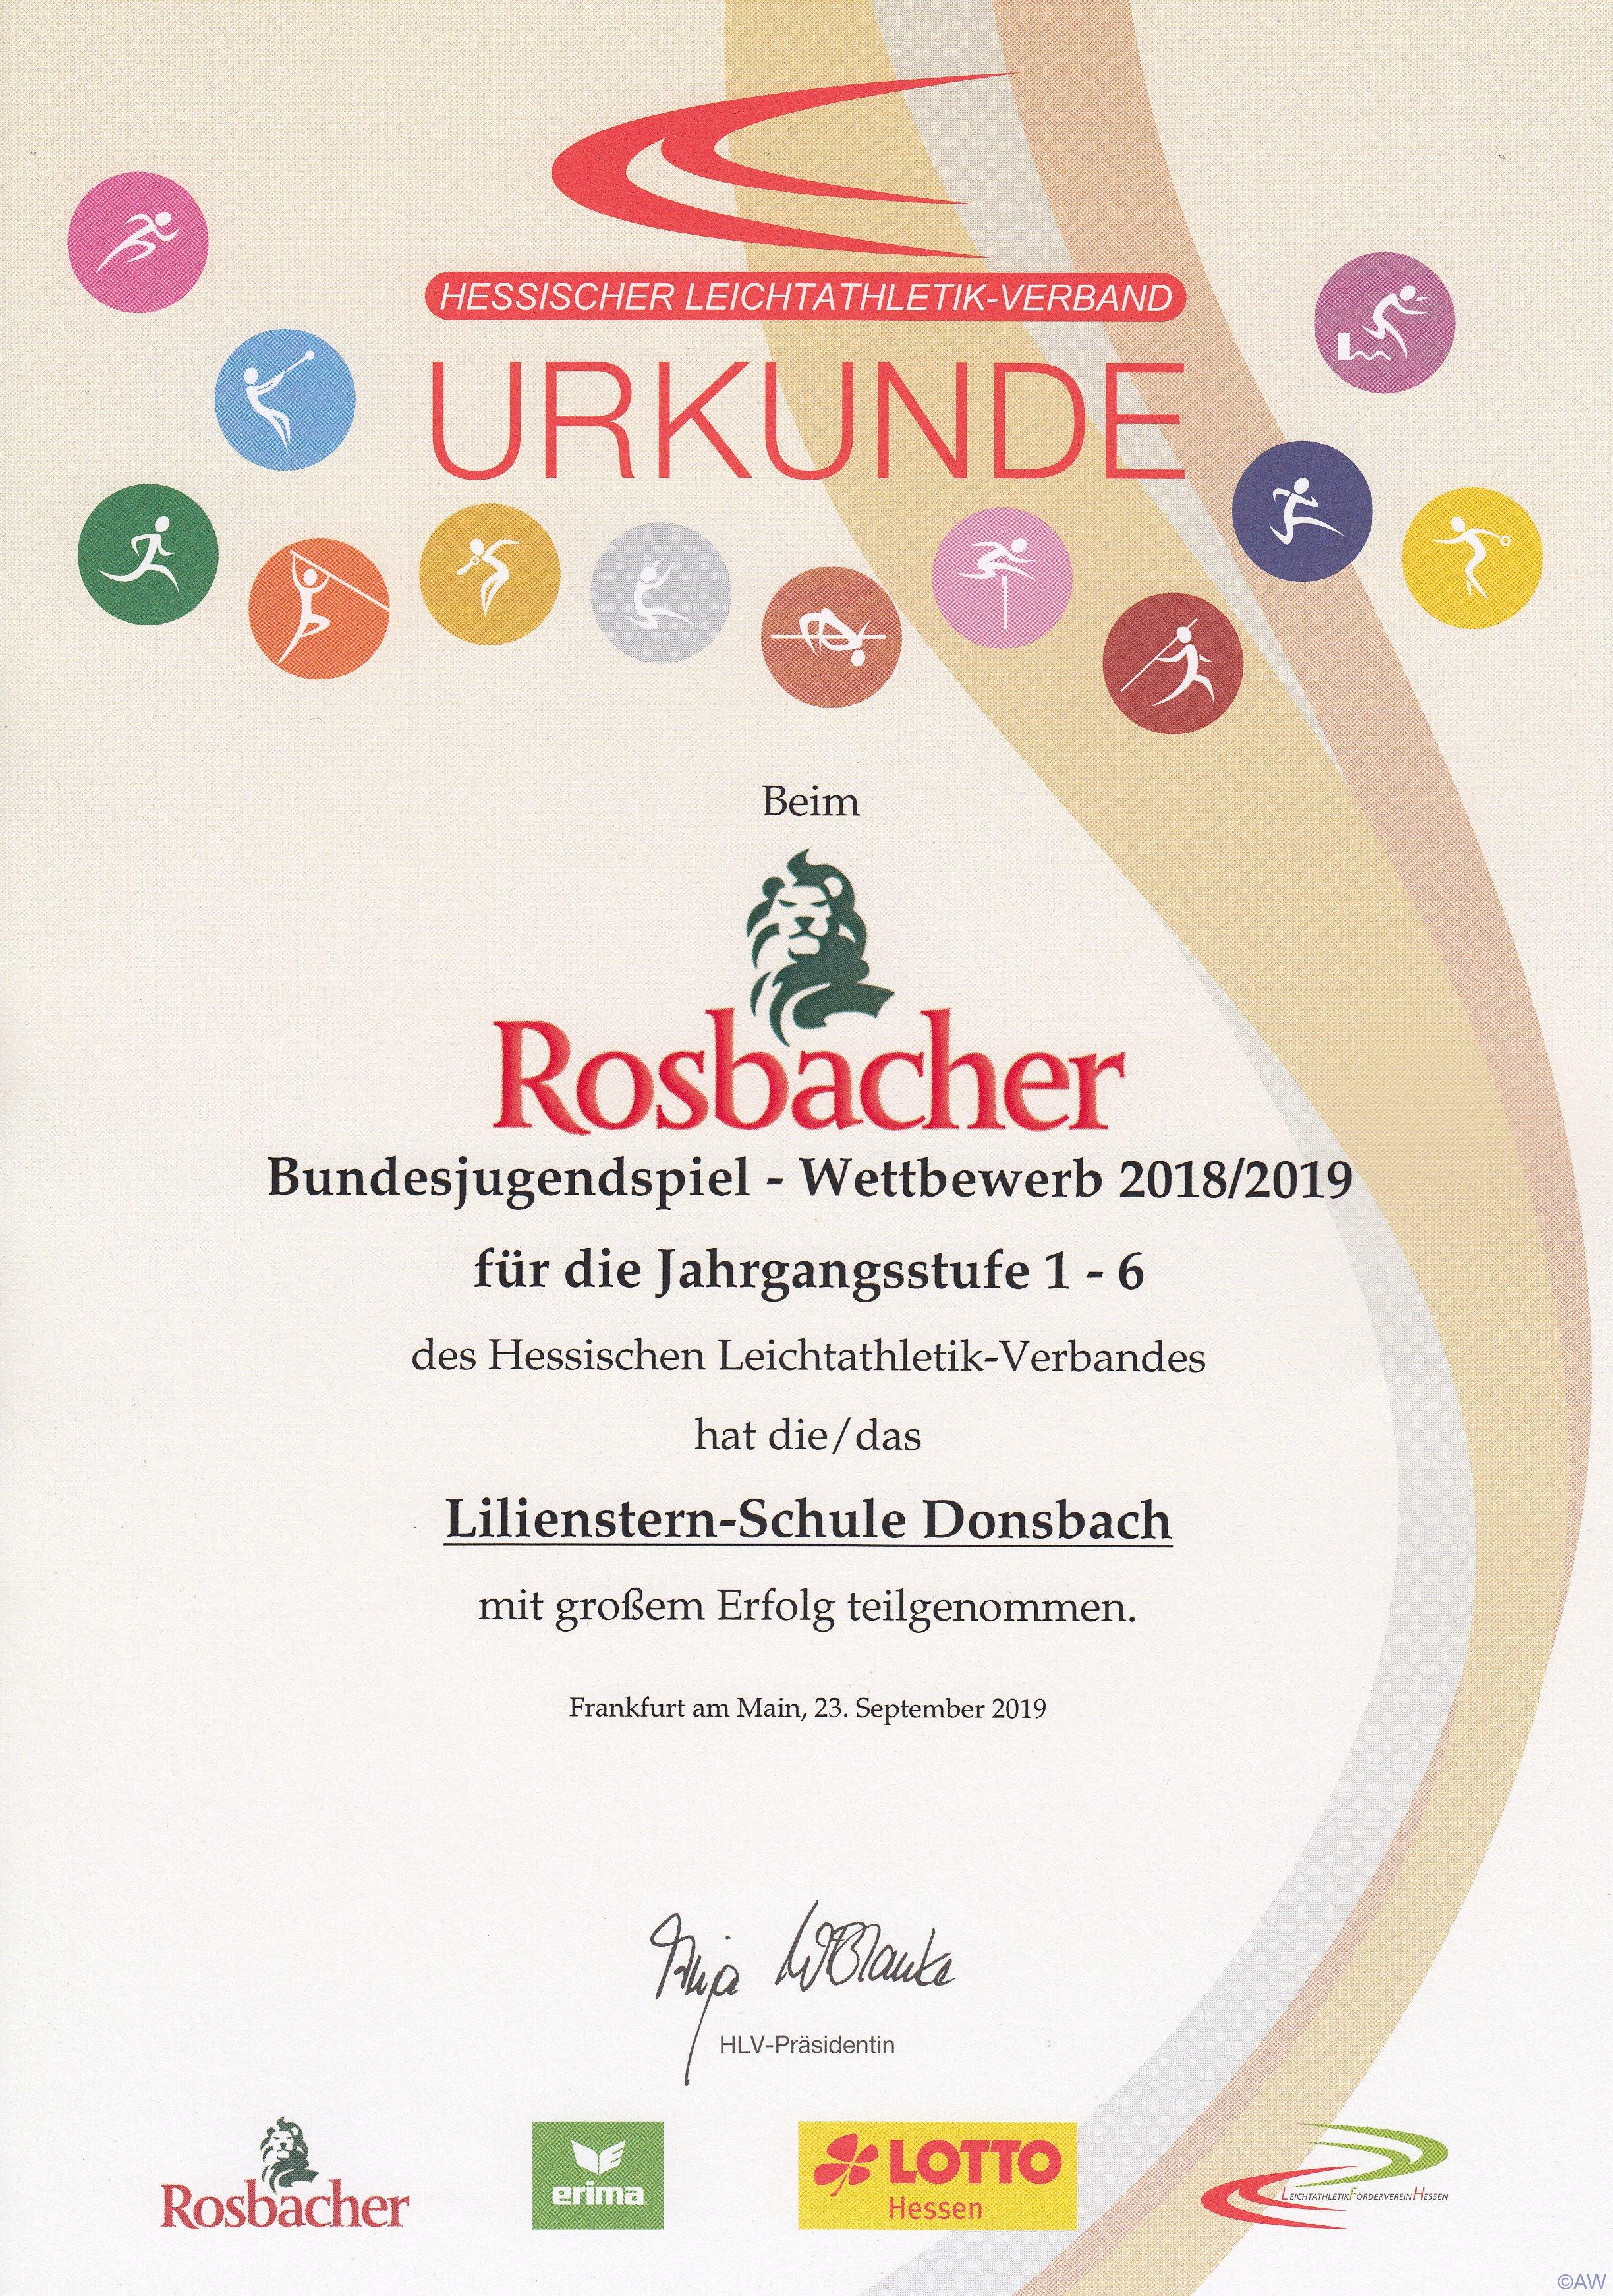 urkunde-rossbacher-2019